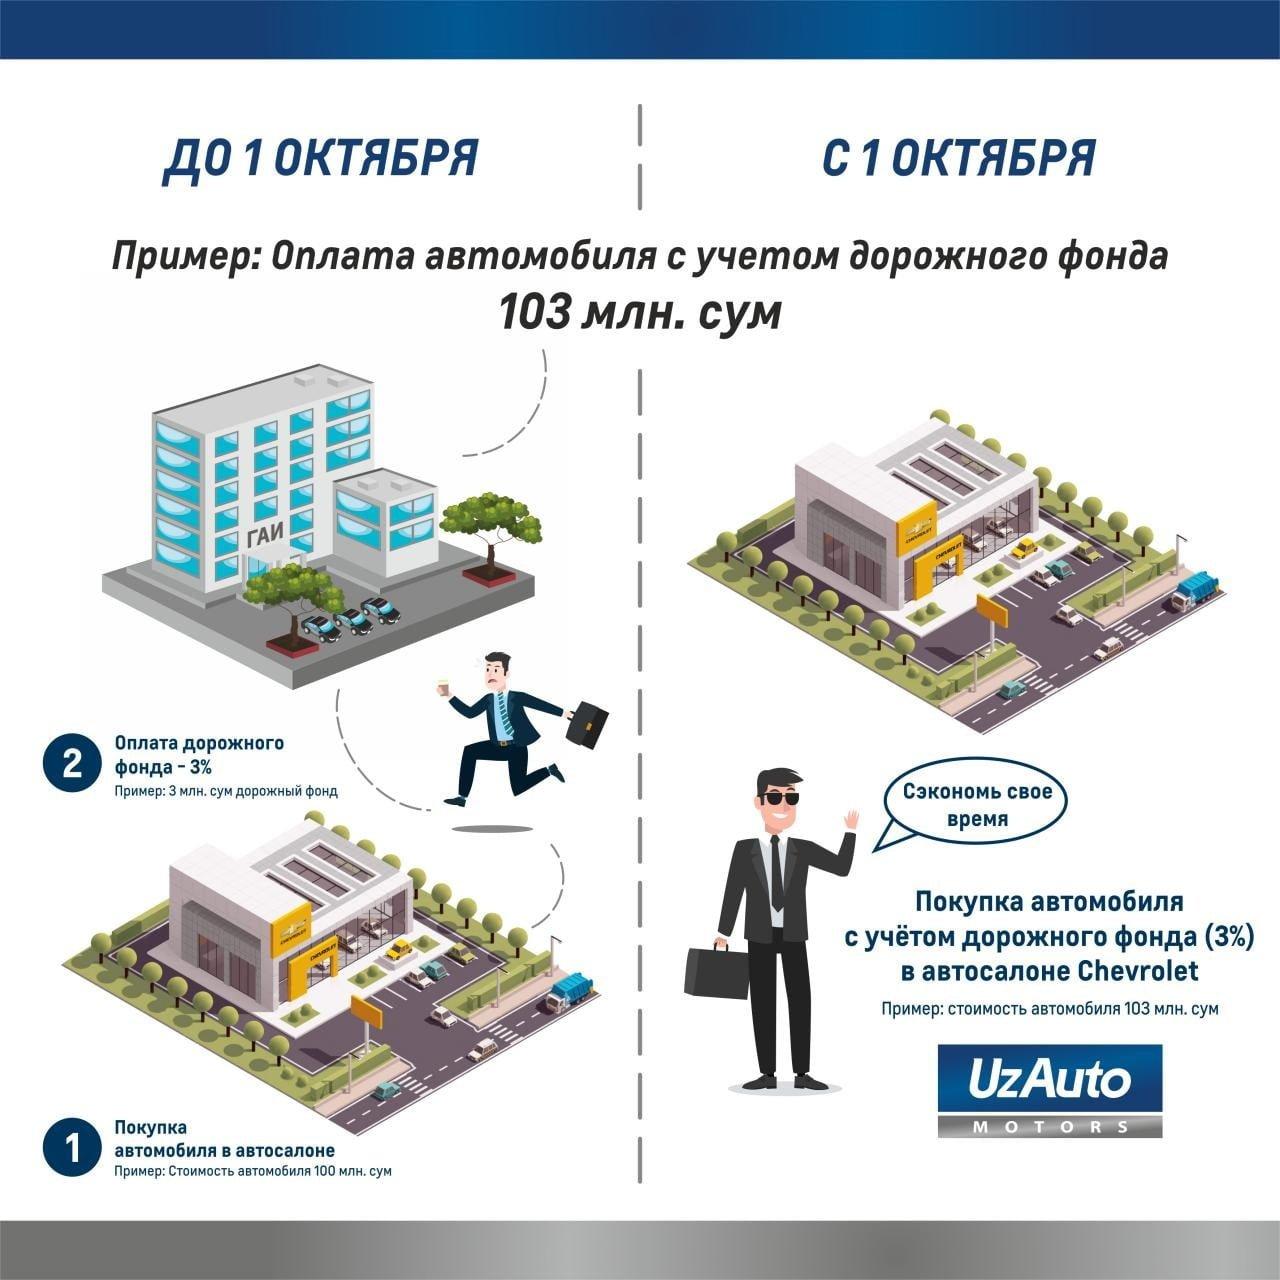 Цены в автосалонах GM Uzbekistan вырастут на 3% - 1